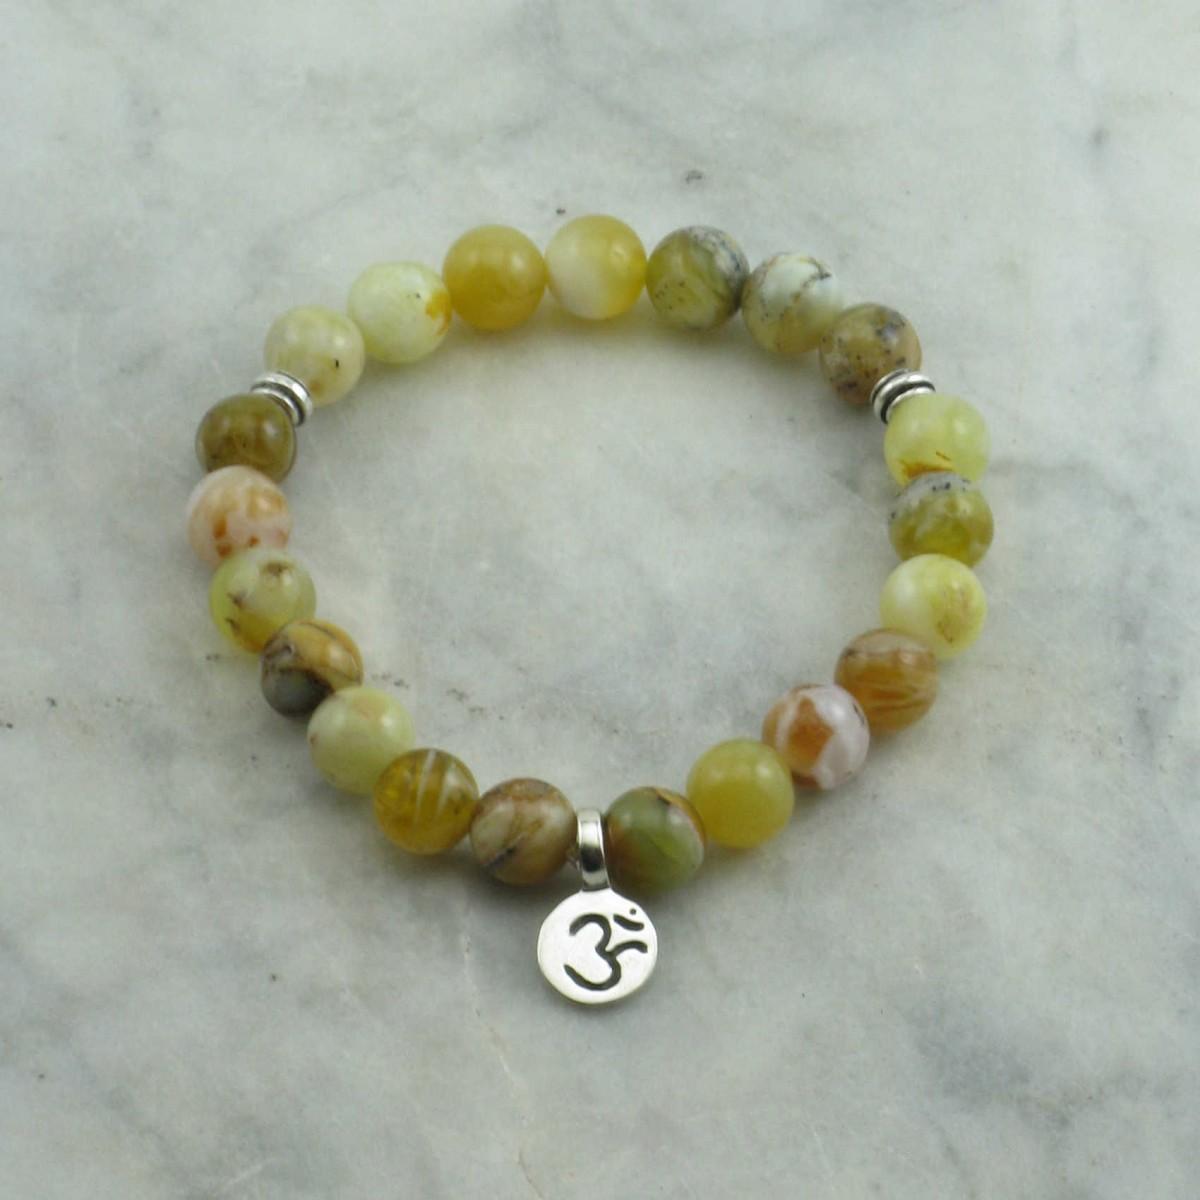 Crown_Chakra_Mala_Bracelet_21_Common_Opal_Mala_Beads